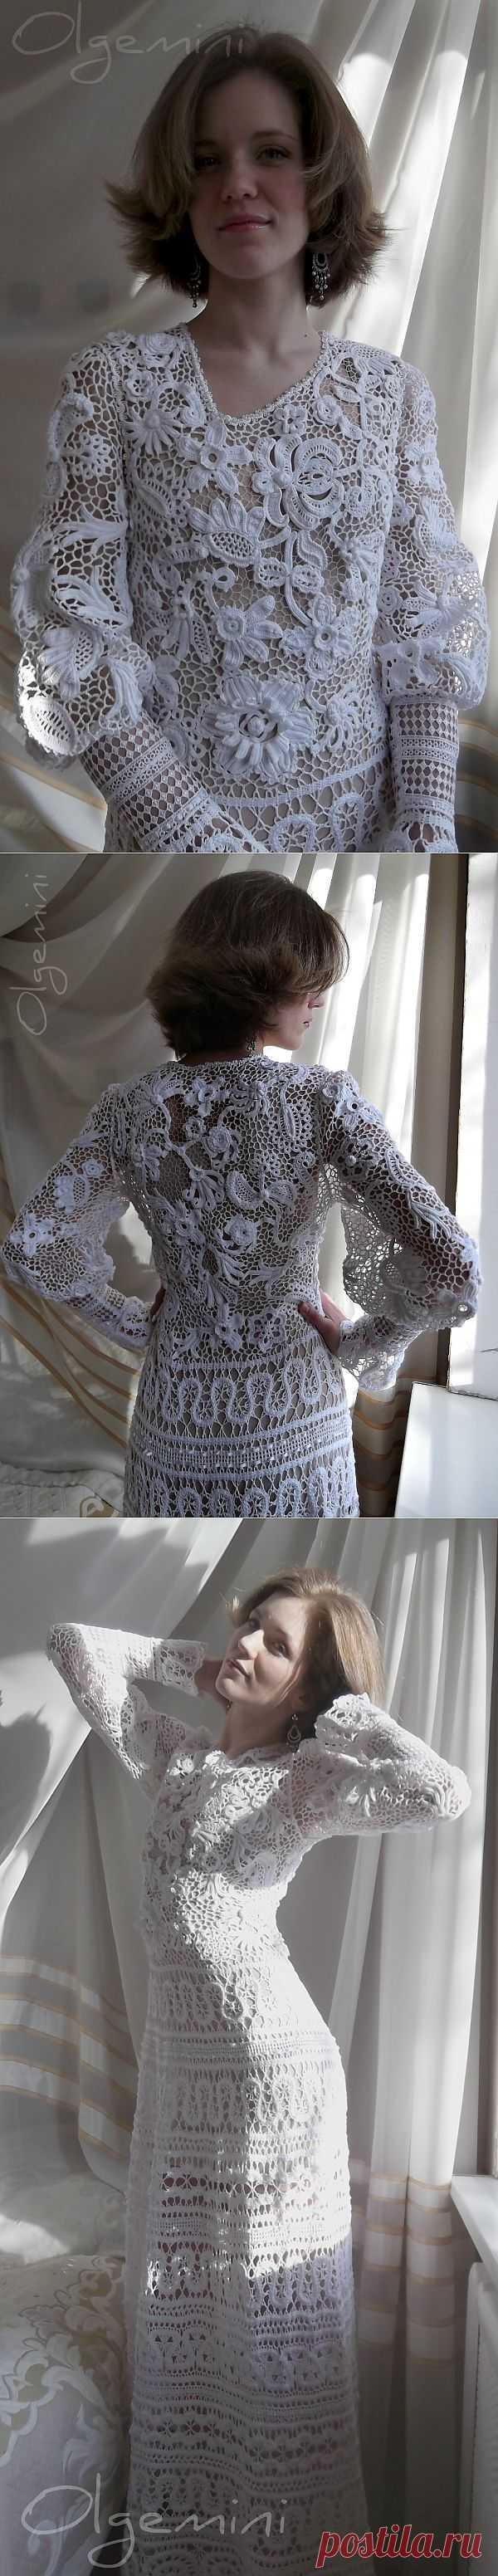 """Платье""""Лебедушка"""". Красота неописуемая!!!. Ирландское кружево + брюгское кружево= платье """"ЛЕБЁДУШКА"""" от ОЛЬГЕМИНИ... пошаговые фото..."""